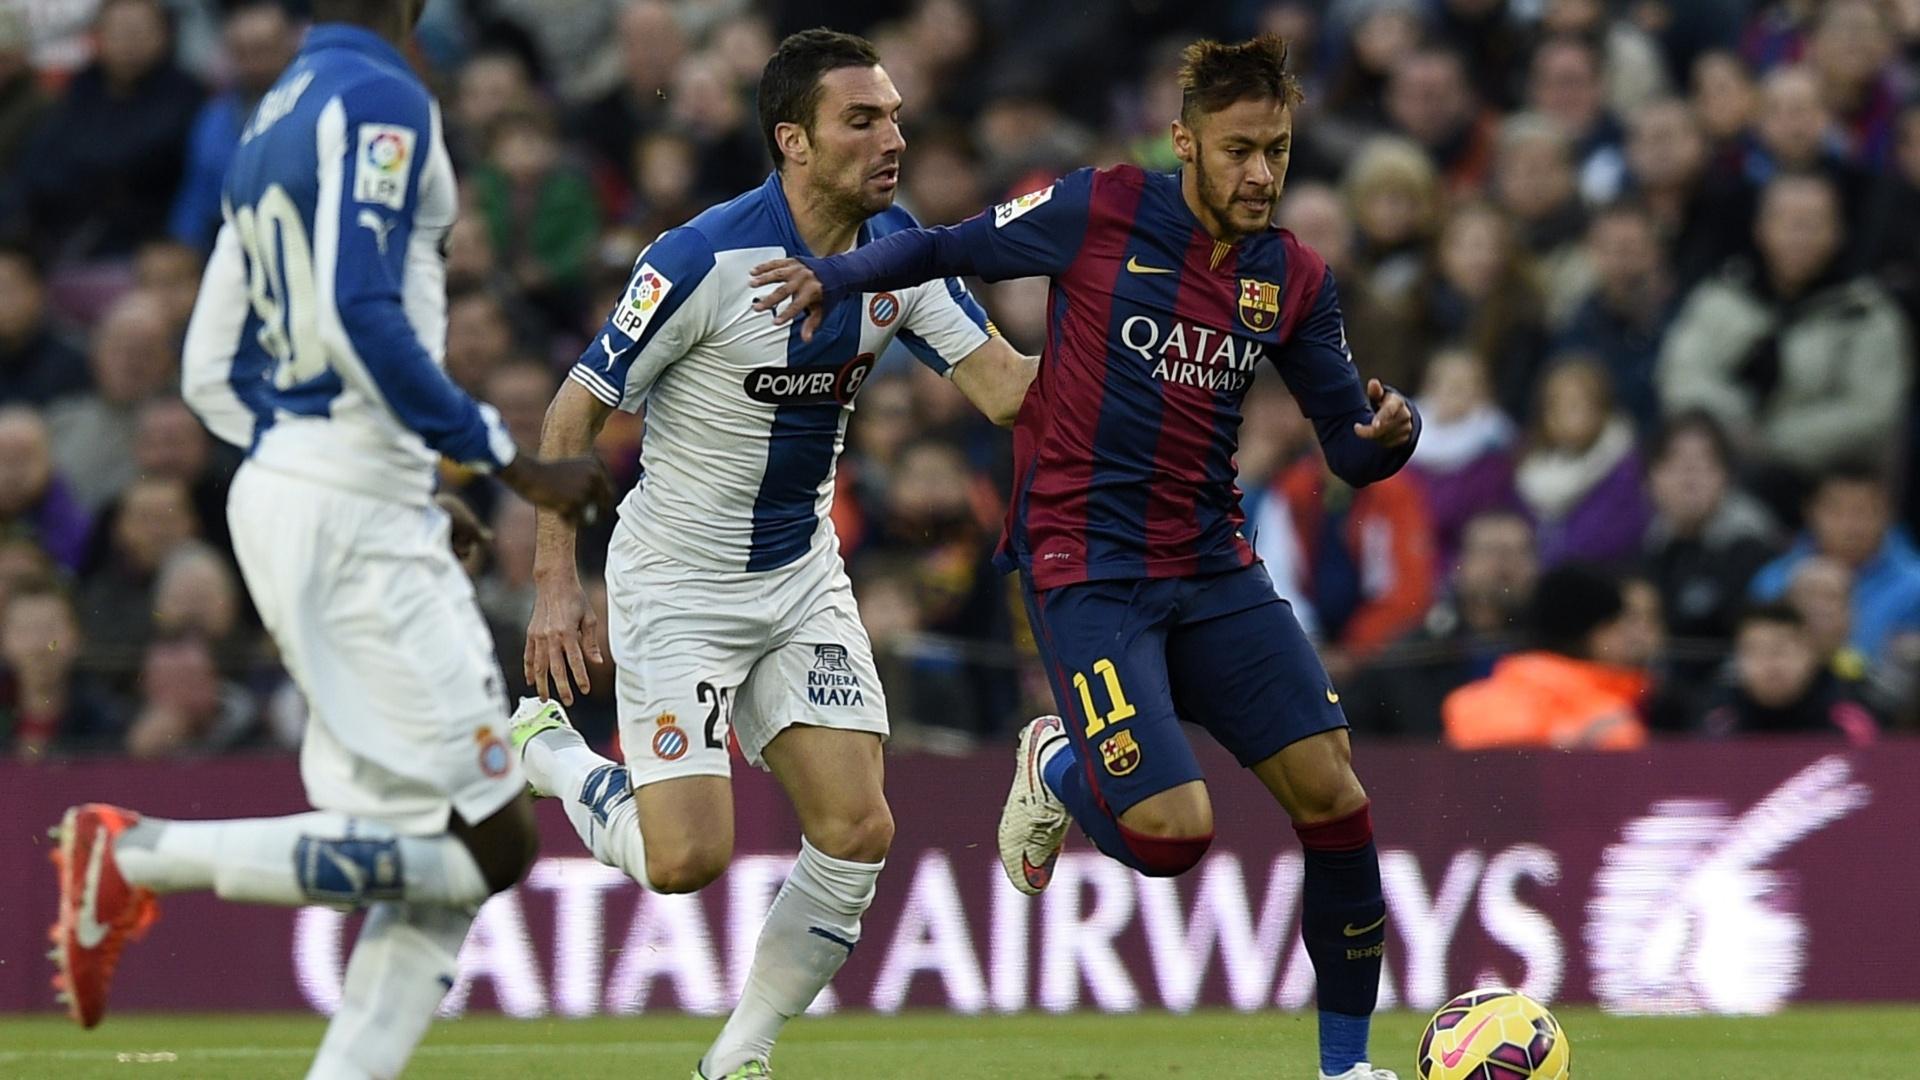 Neymar tenta escapar da marcação de jogadores do Espanyol durante clássico no Camp Nou